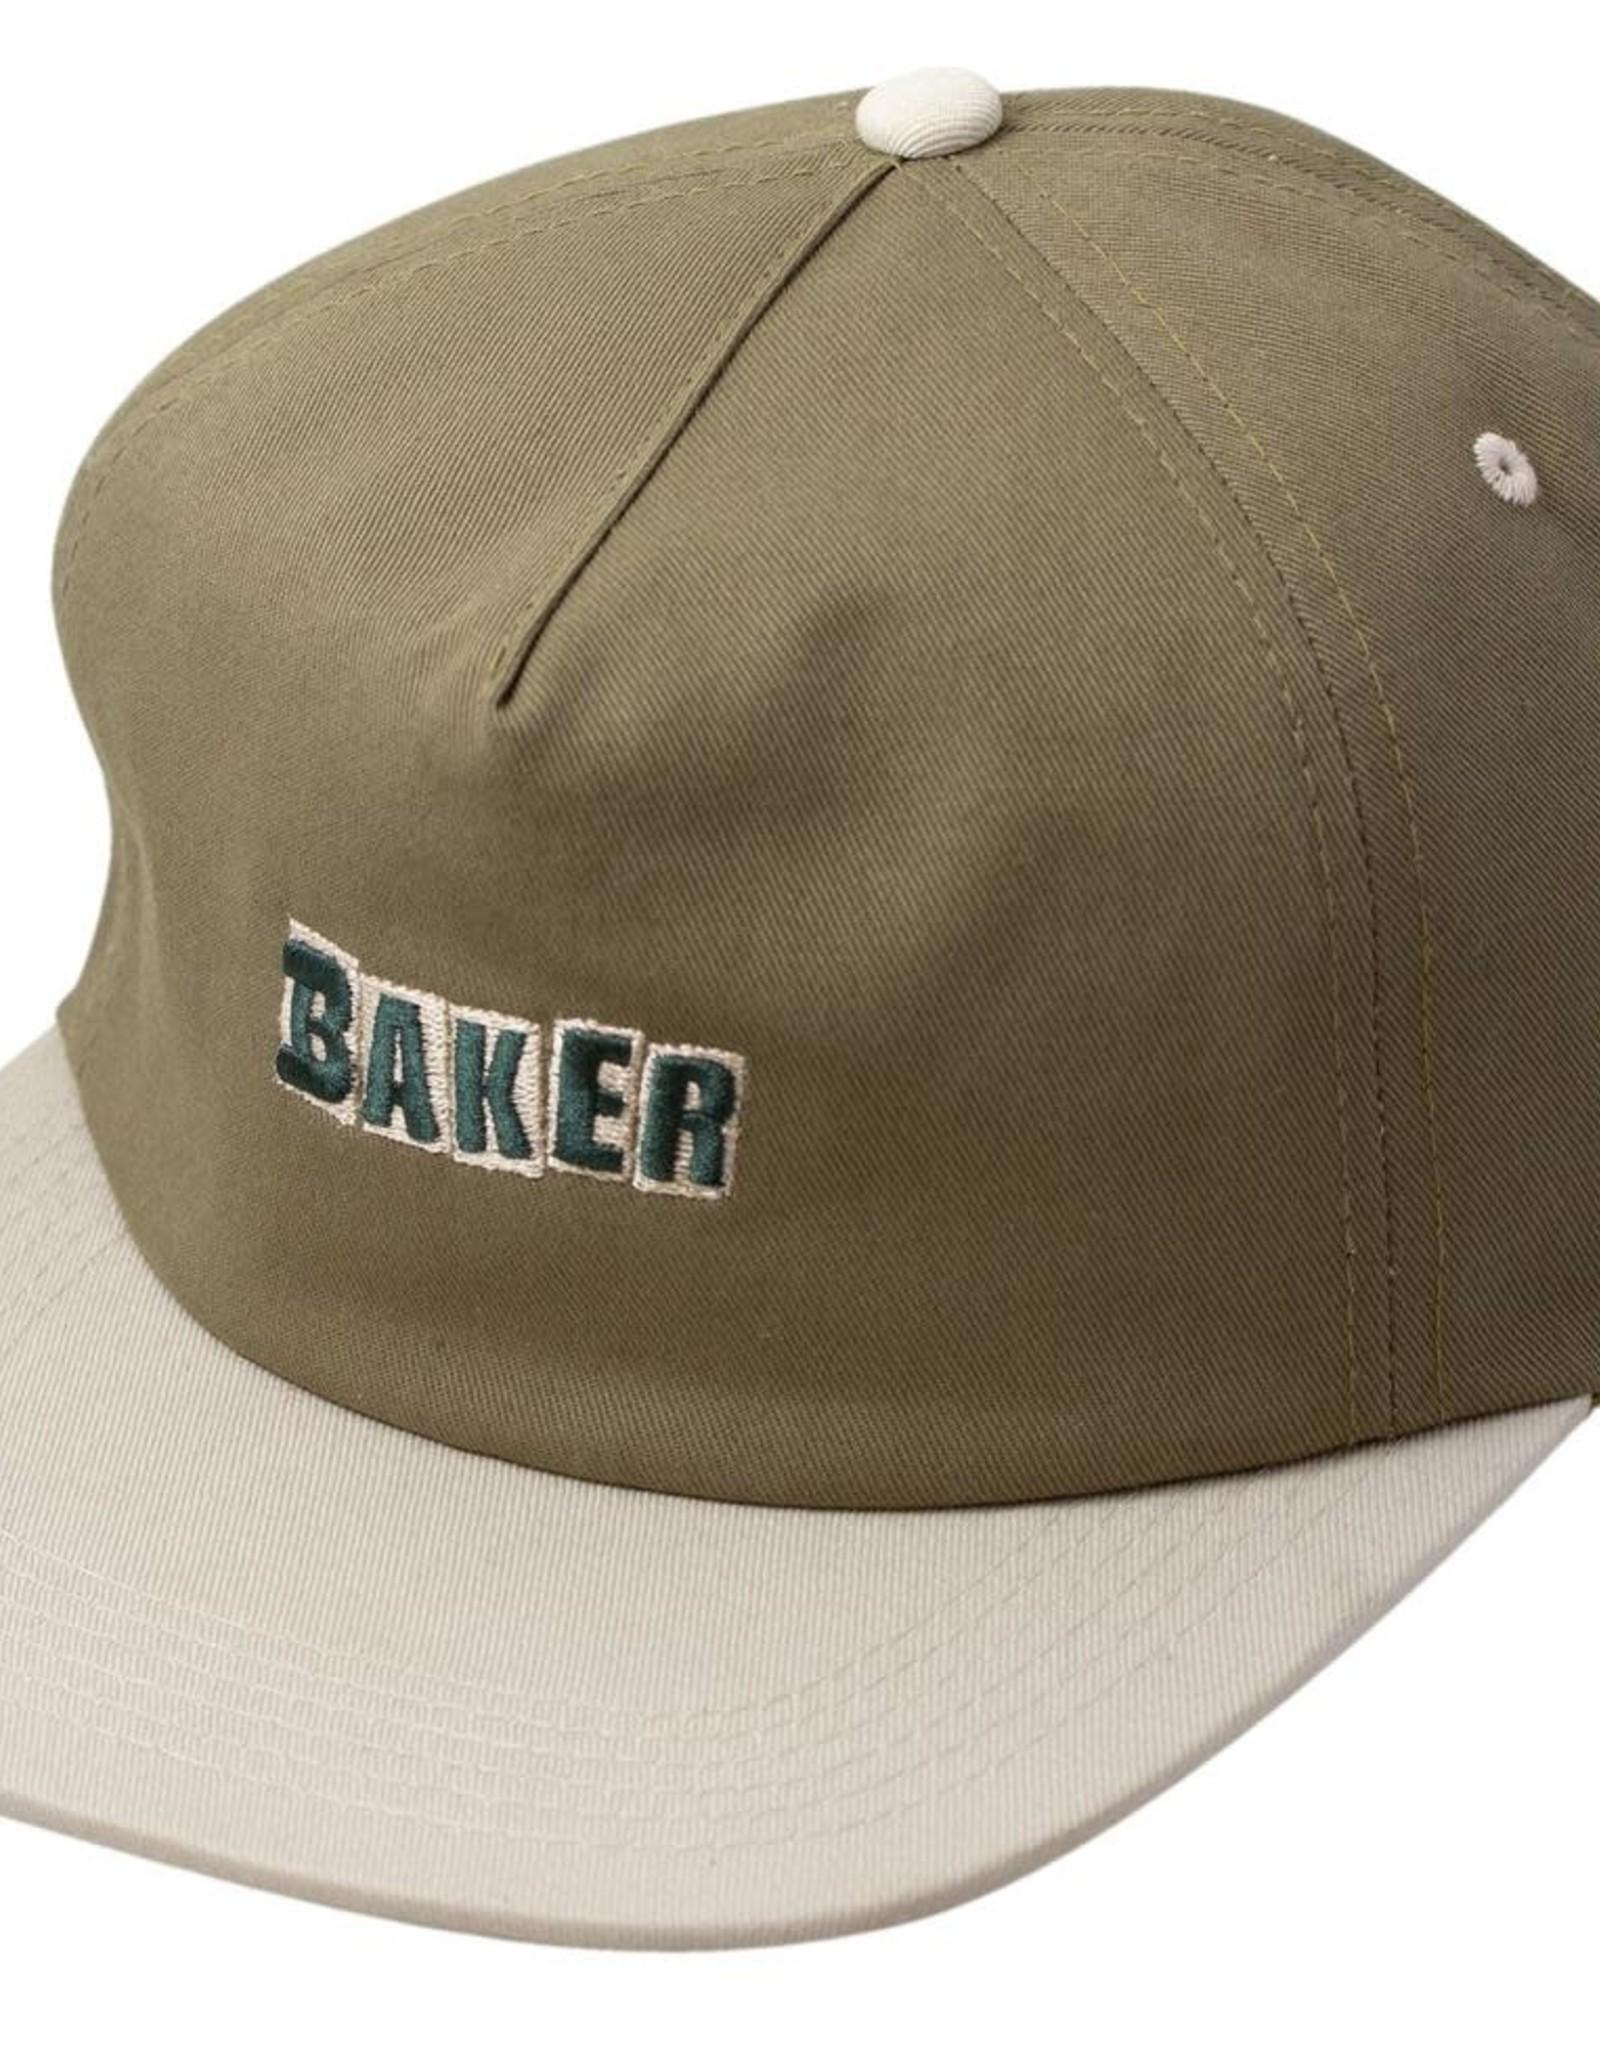 BAKER BAKER BRAND LOGO SNAPBACK HAT GREEN TAN